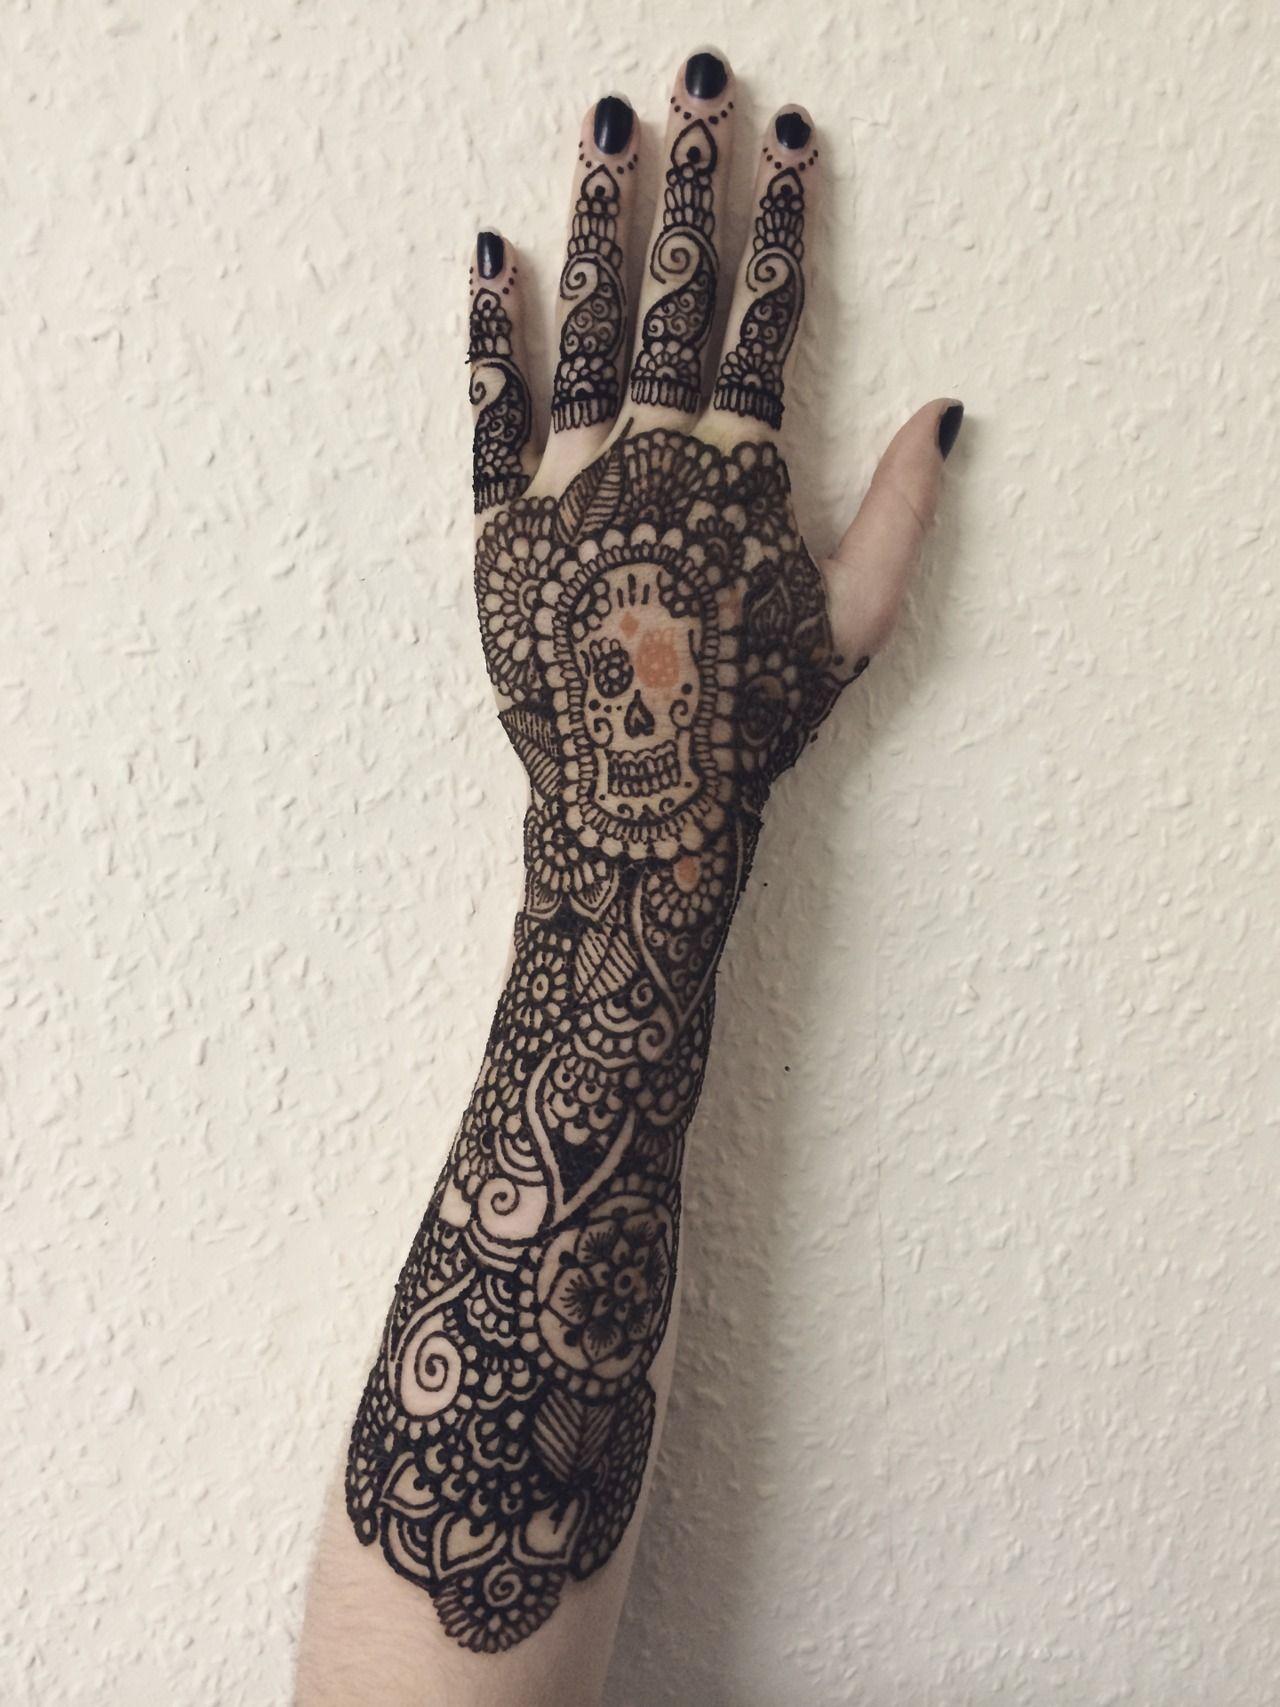 Henna For Halloween Henna Designs Hand Henna Designs Henna